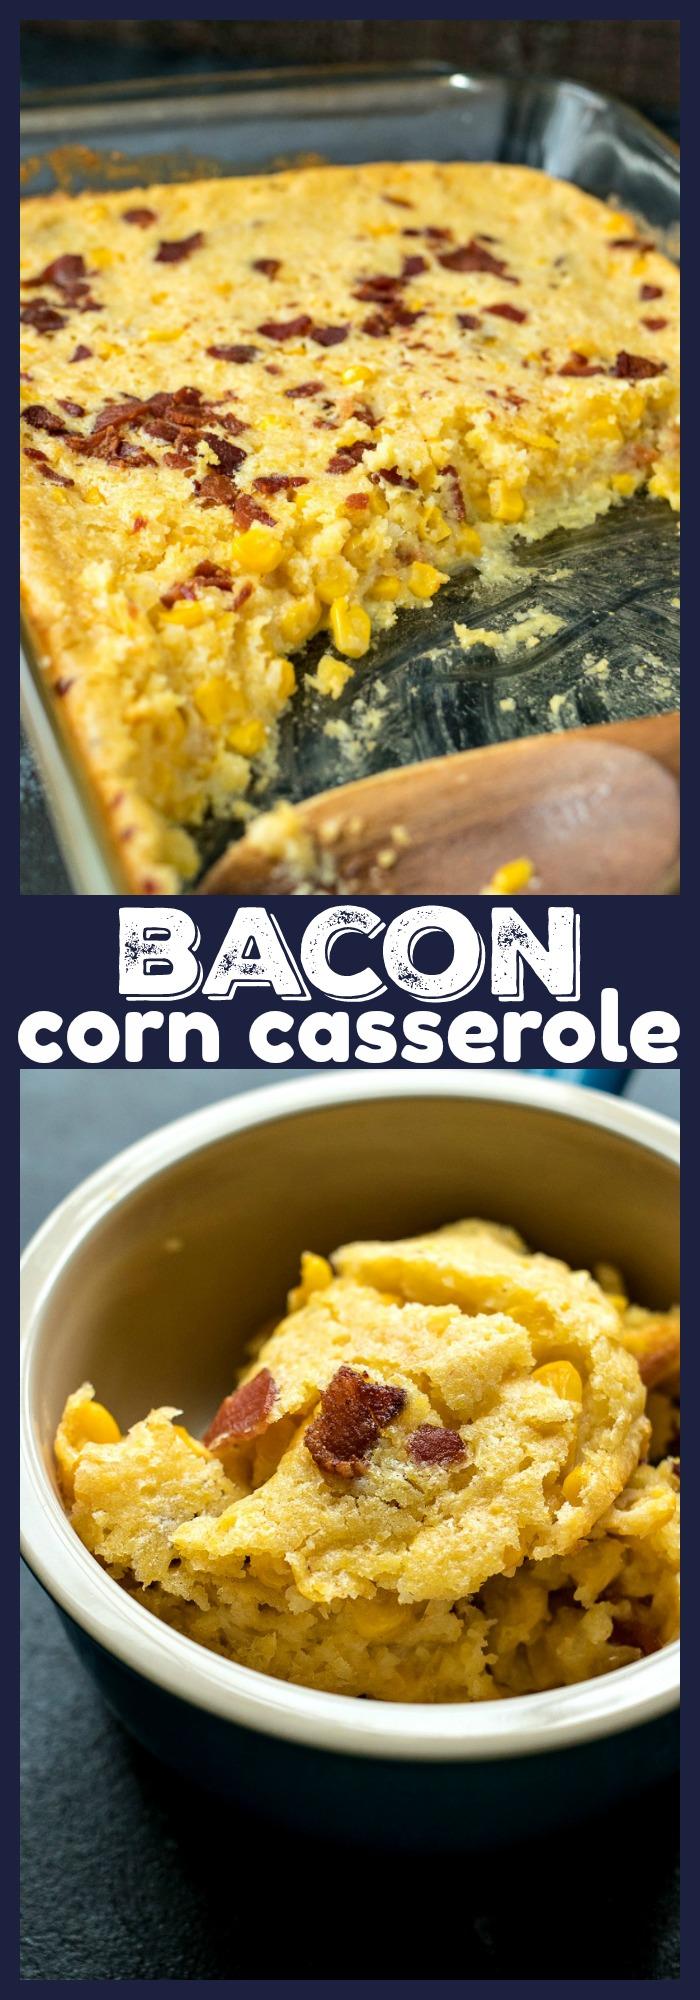 Bacon Corn Casserole photo collage